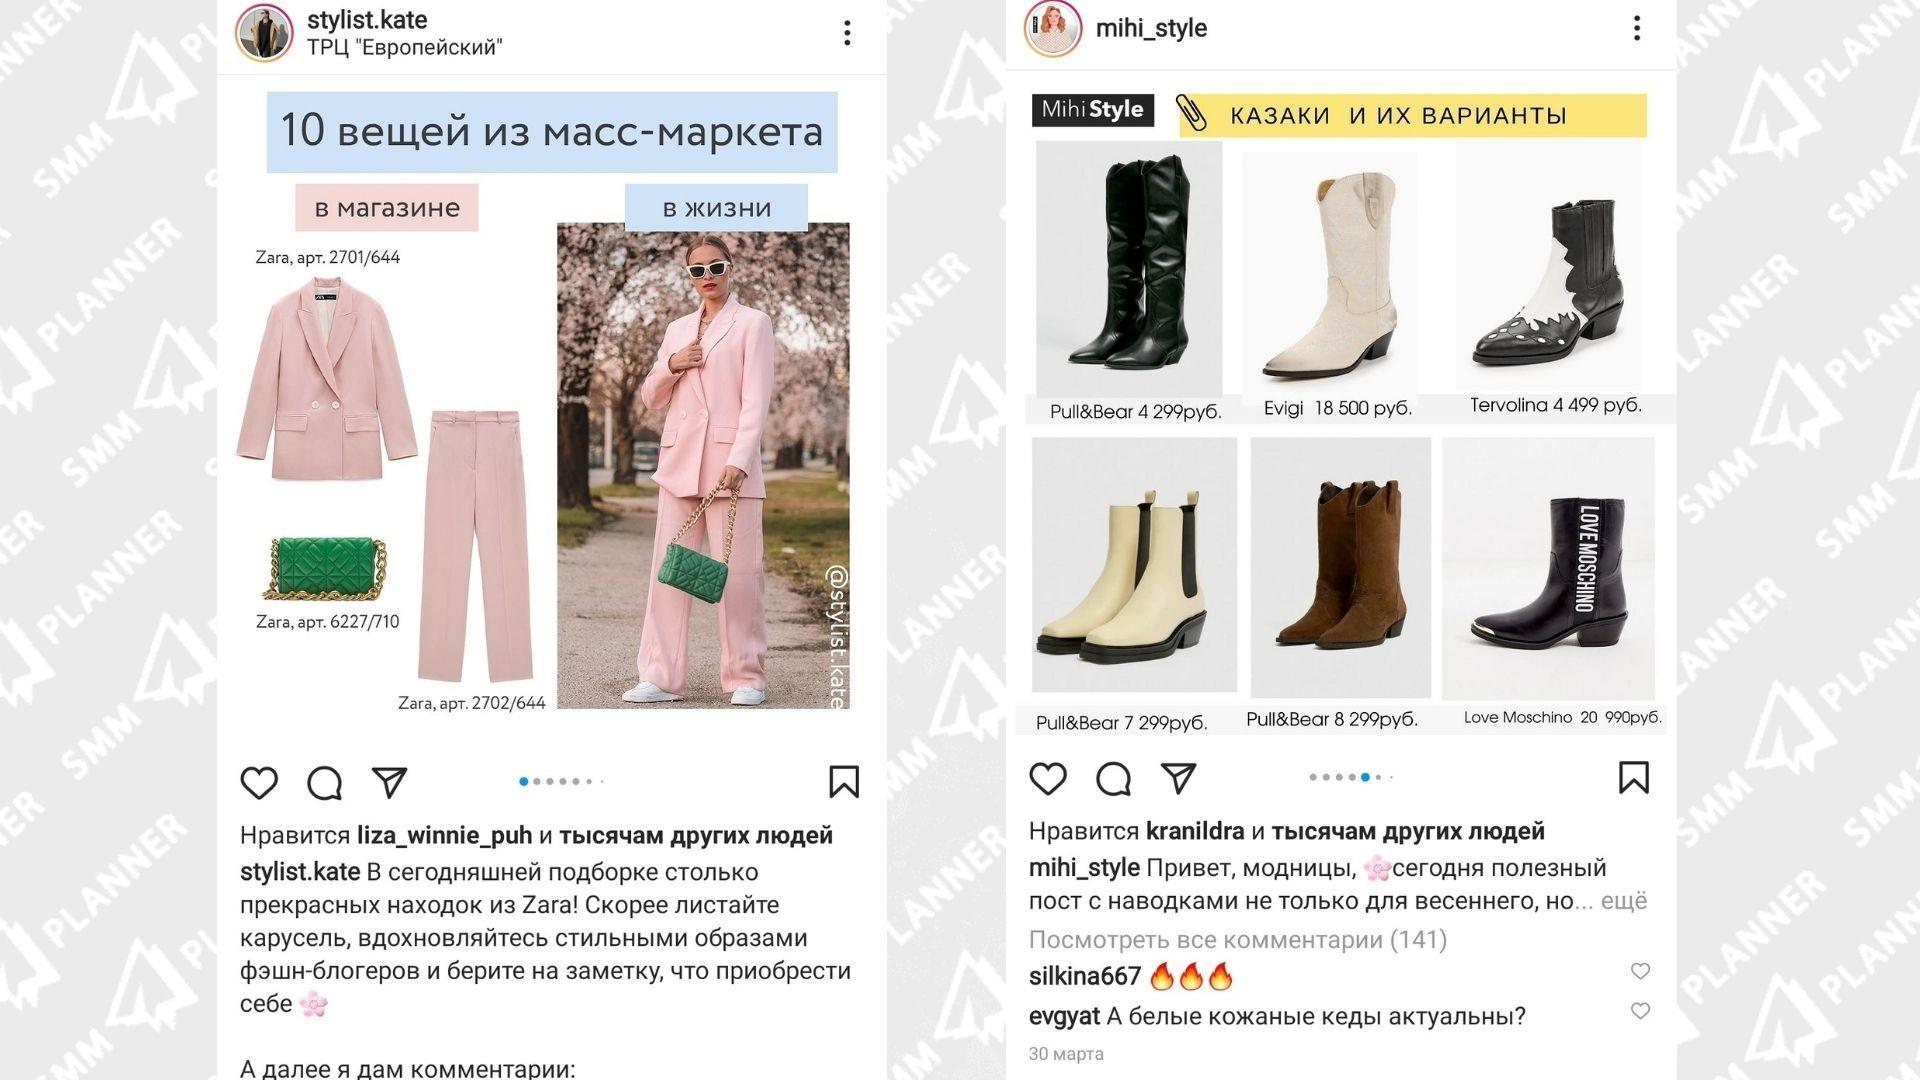 Модные подборки образов от стилиста